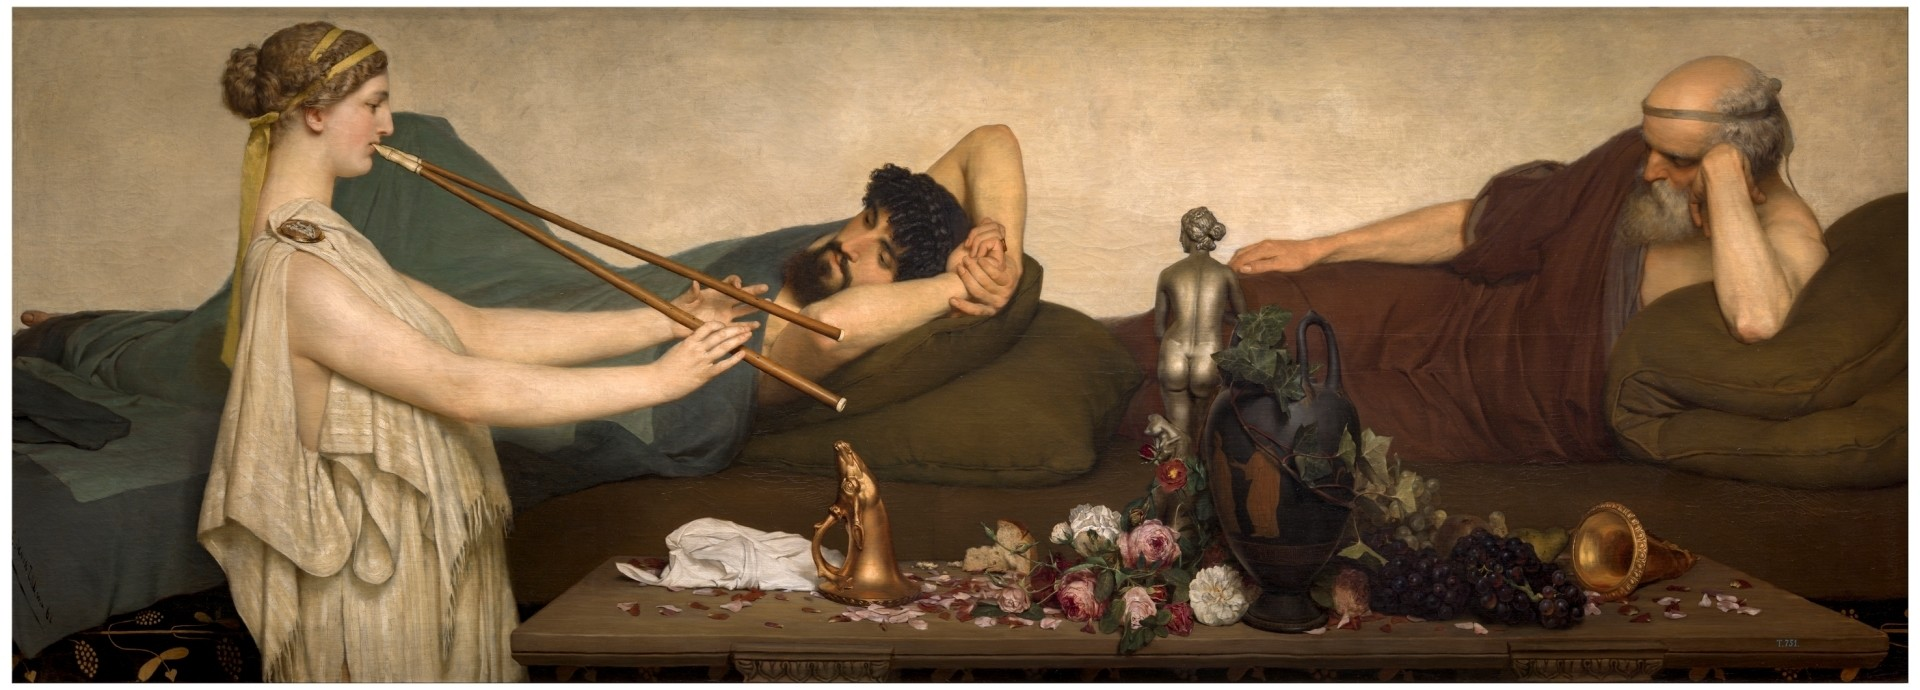 la-siesta-o-escena-pompeyana.jpg